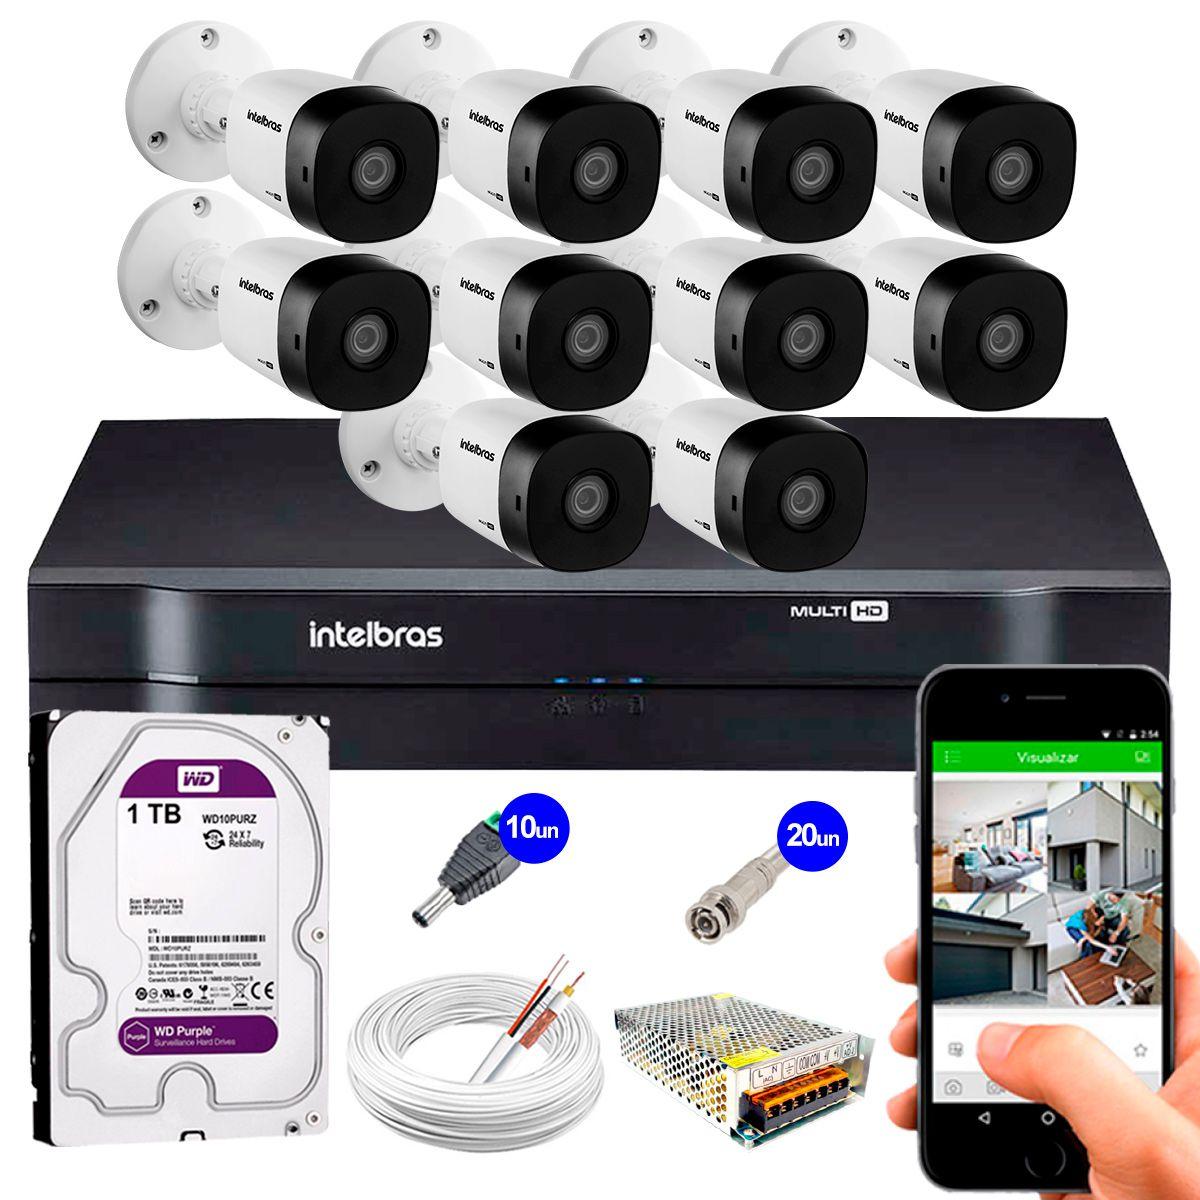 Kit 10 Câmeras VHD 3120 B G5 + DVR Intelbras + HD 1TB + App Grátis de, HD 720p 20m Infravermelho + Cabos e Acessórios  - Tudo Forte